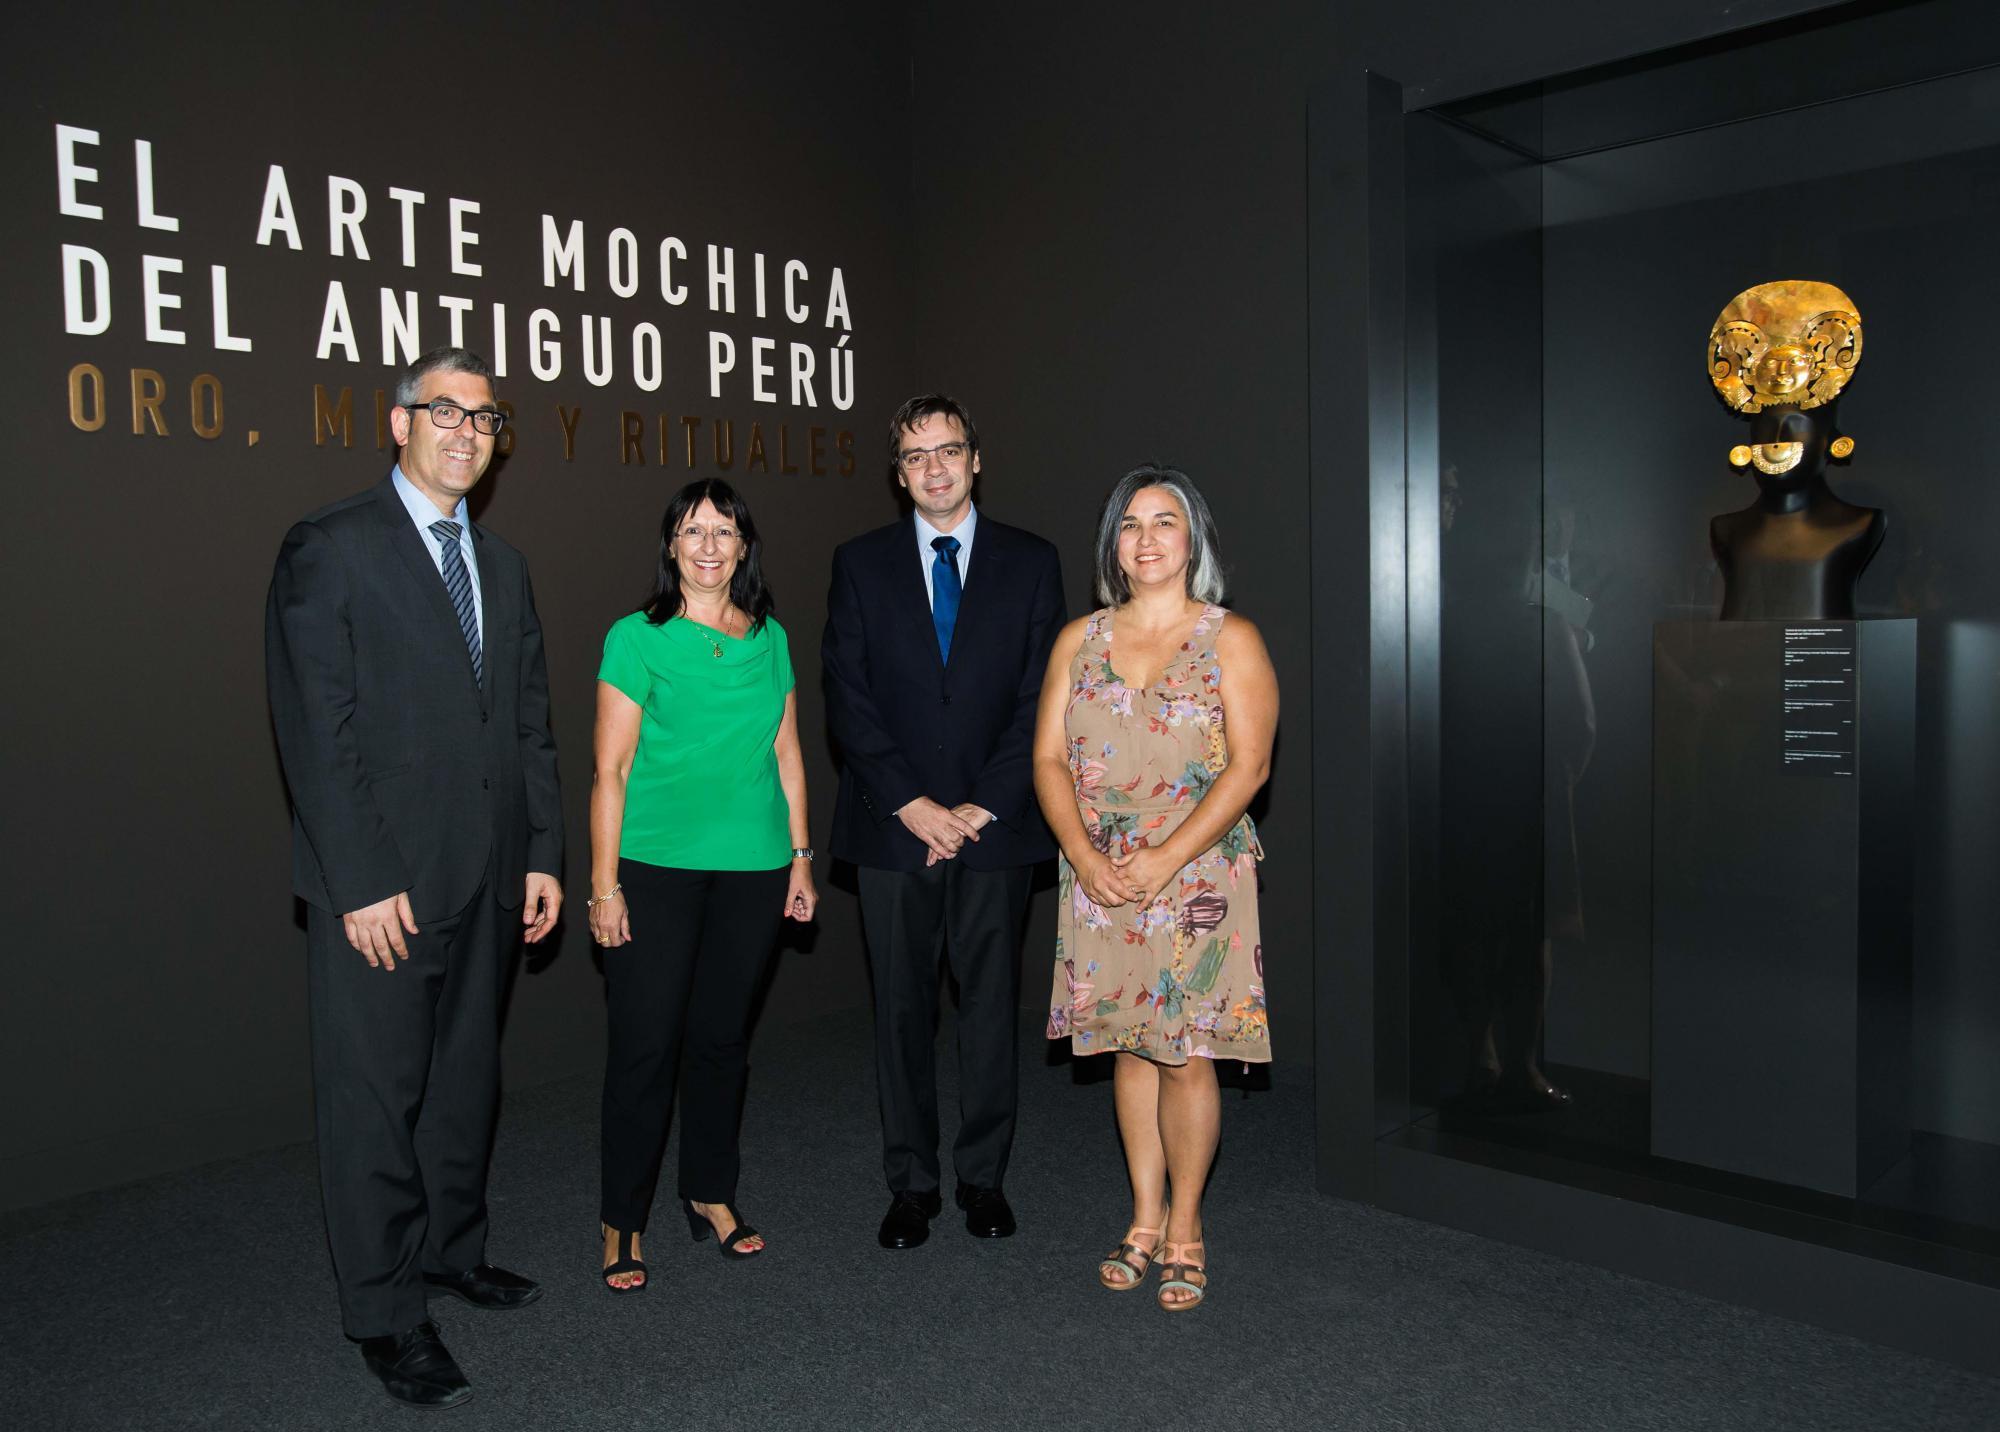 """Exposición: """"El arte mochica del antiguo Perú. Oro, mitos y rituales"""""""